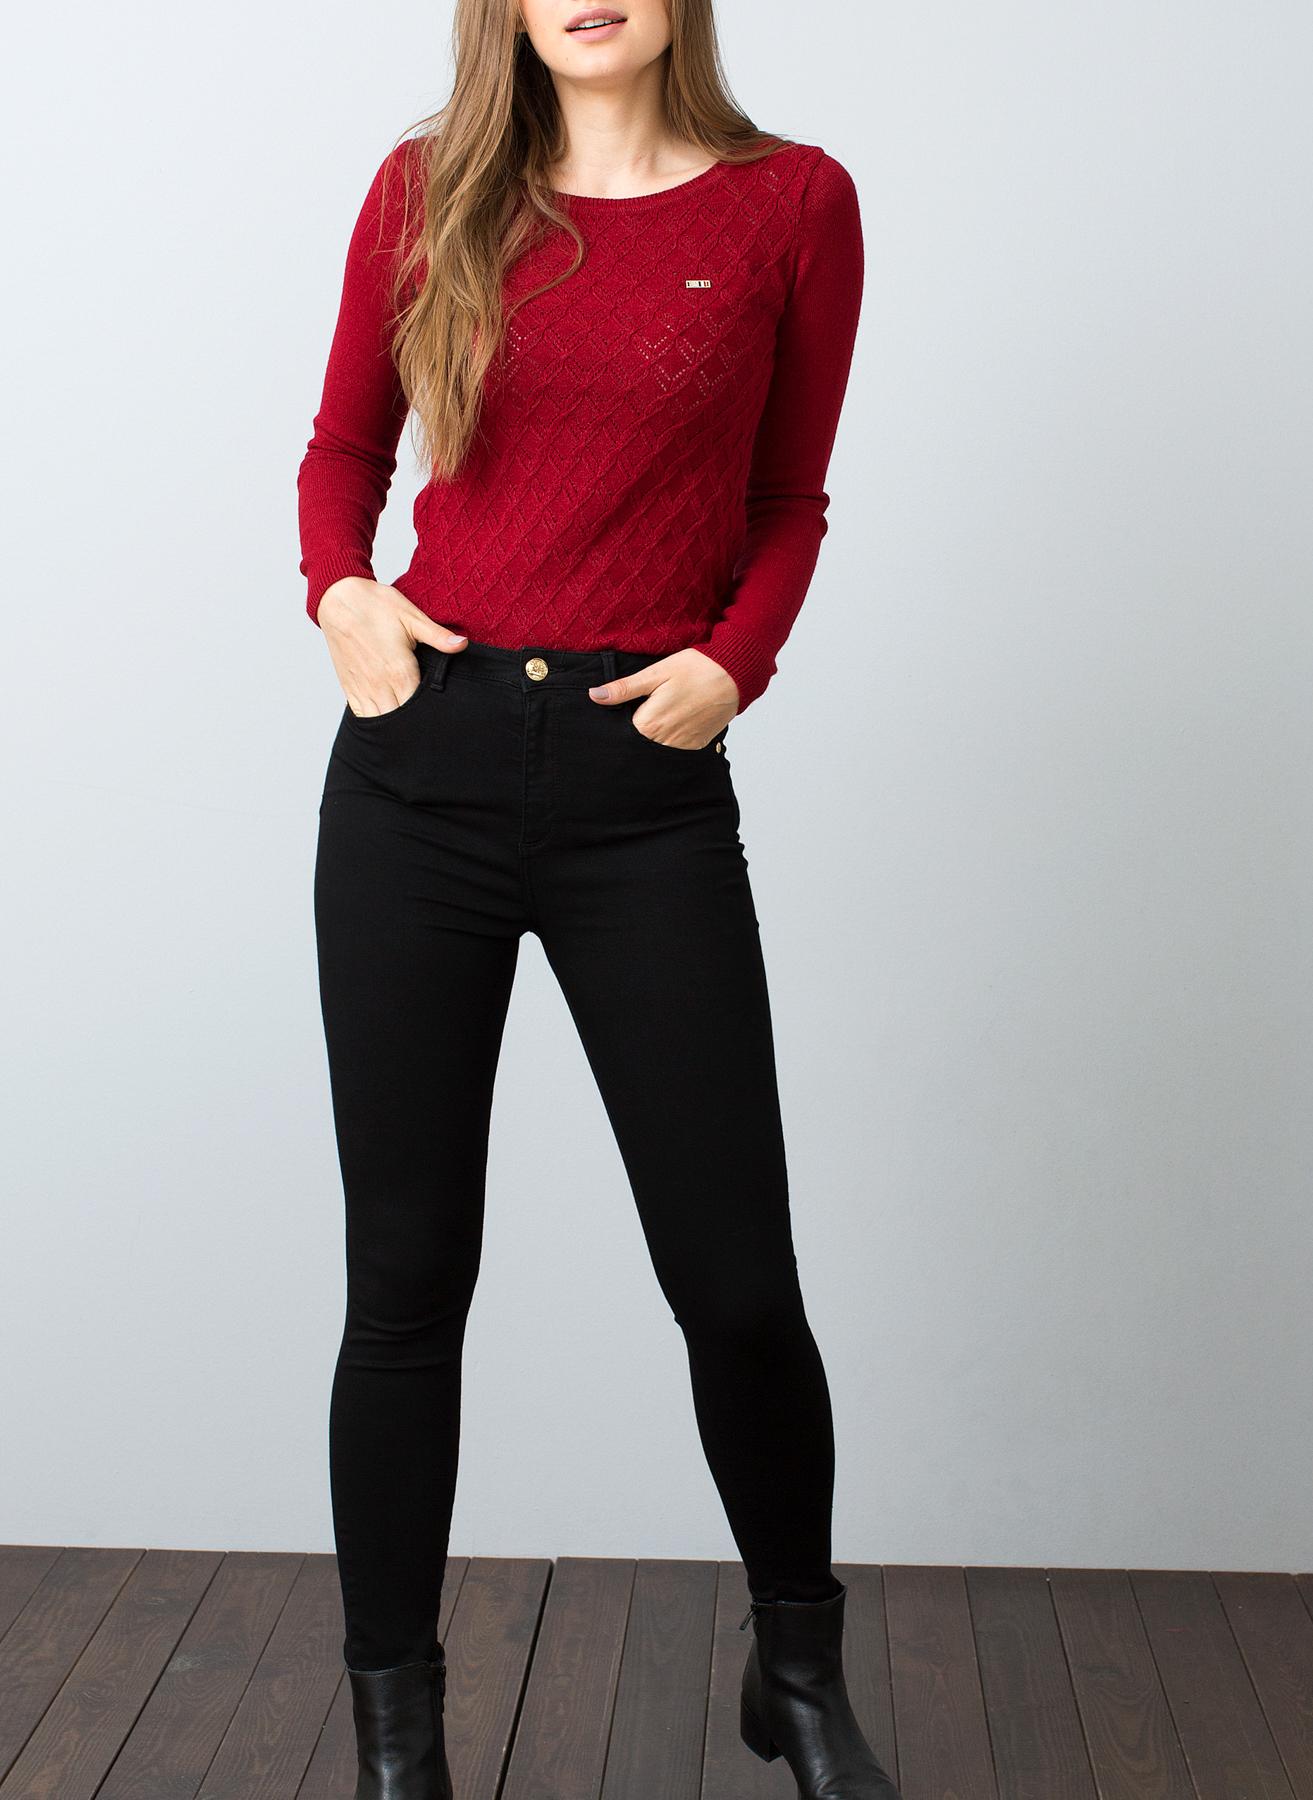 U.S. Polo Assn. Pantolon 42 5001733388001 Ürün Resmi